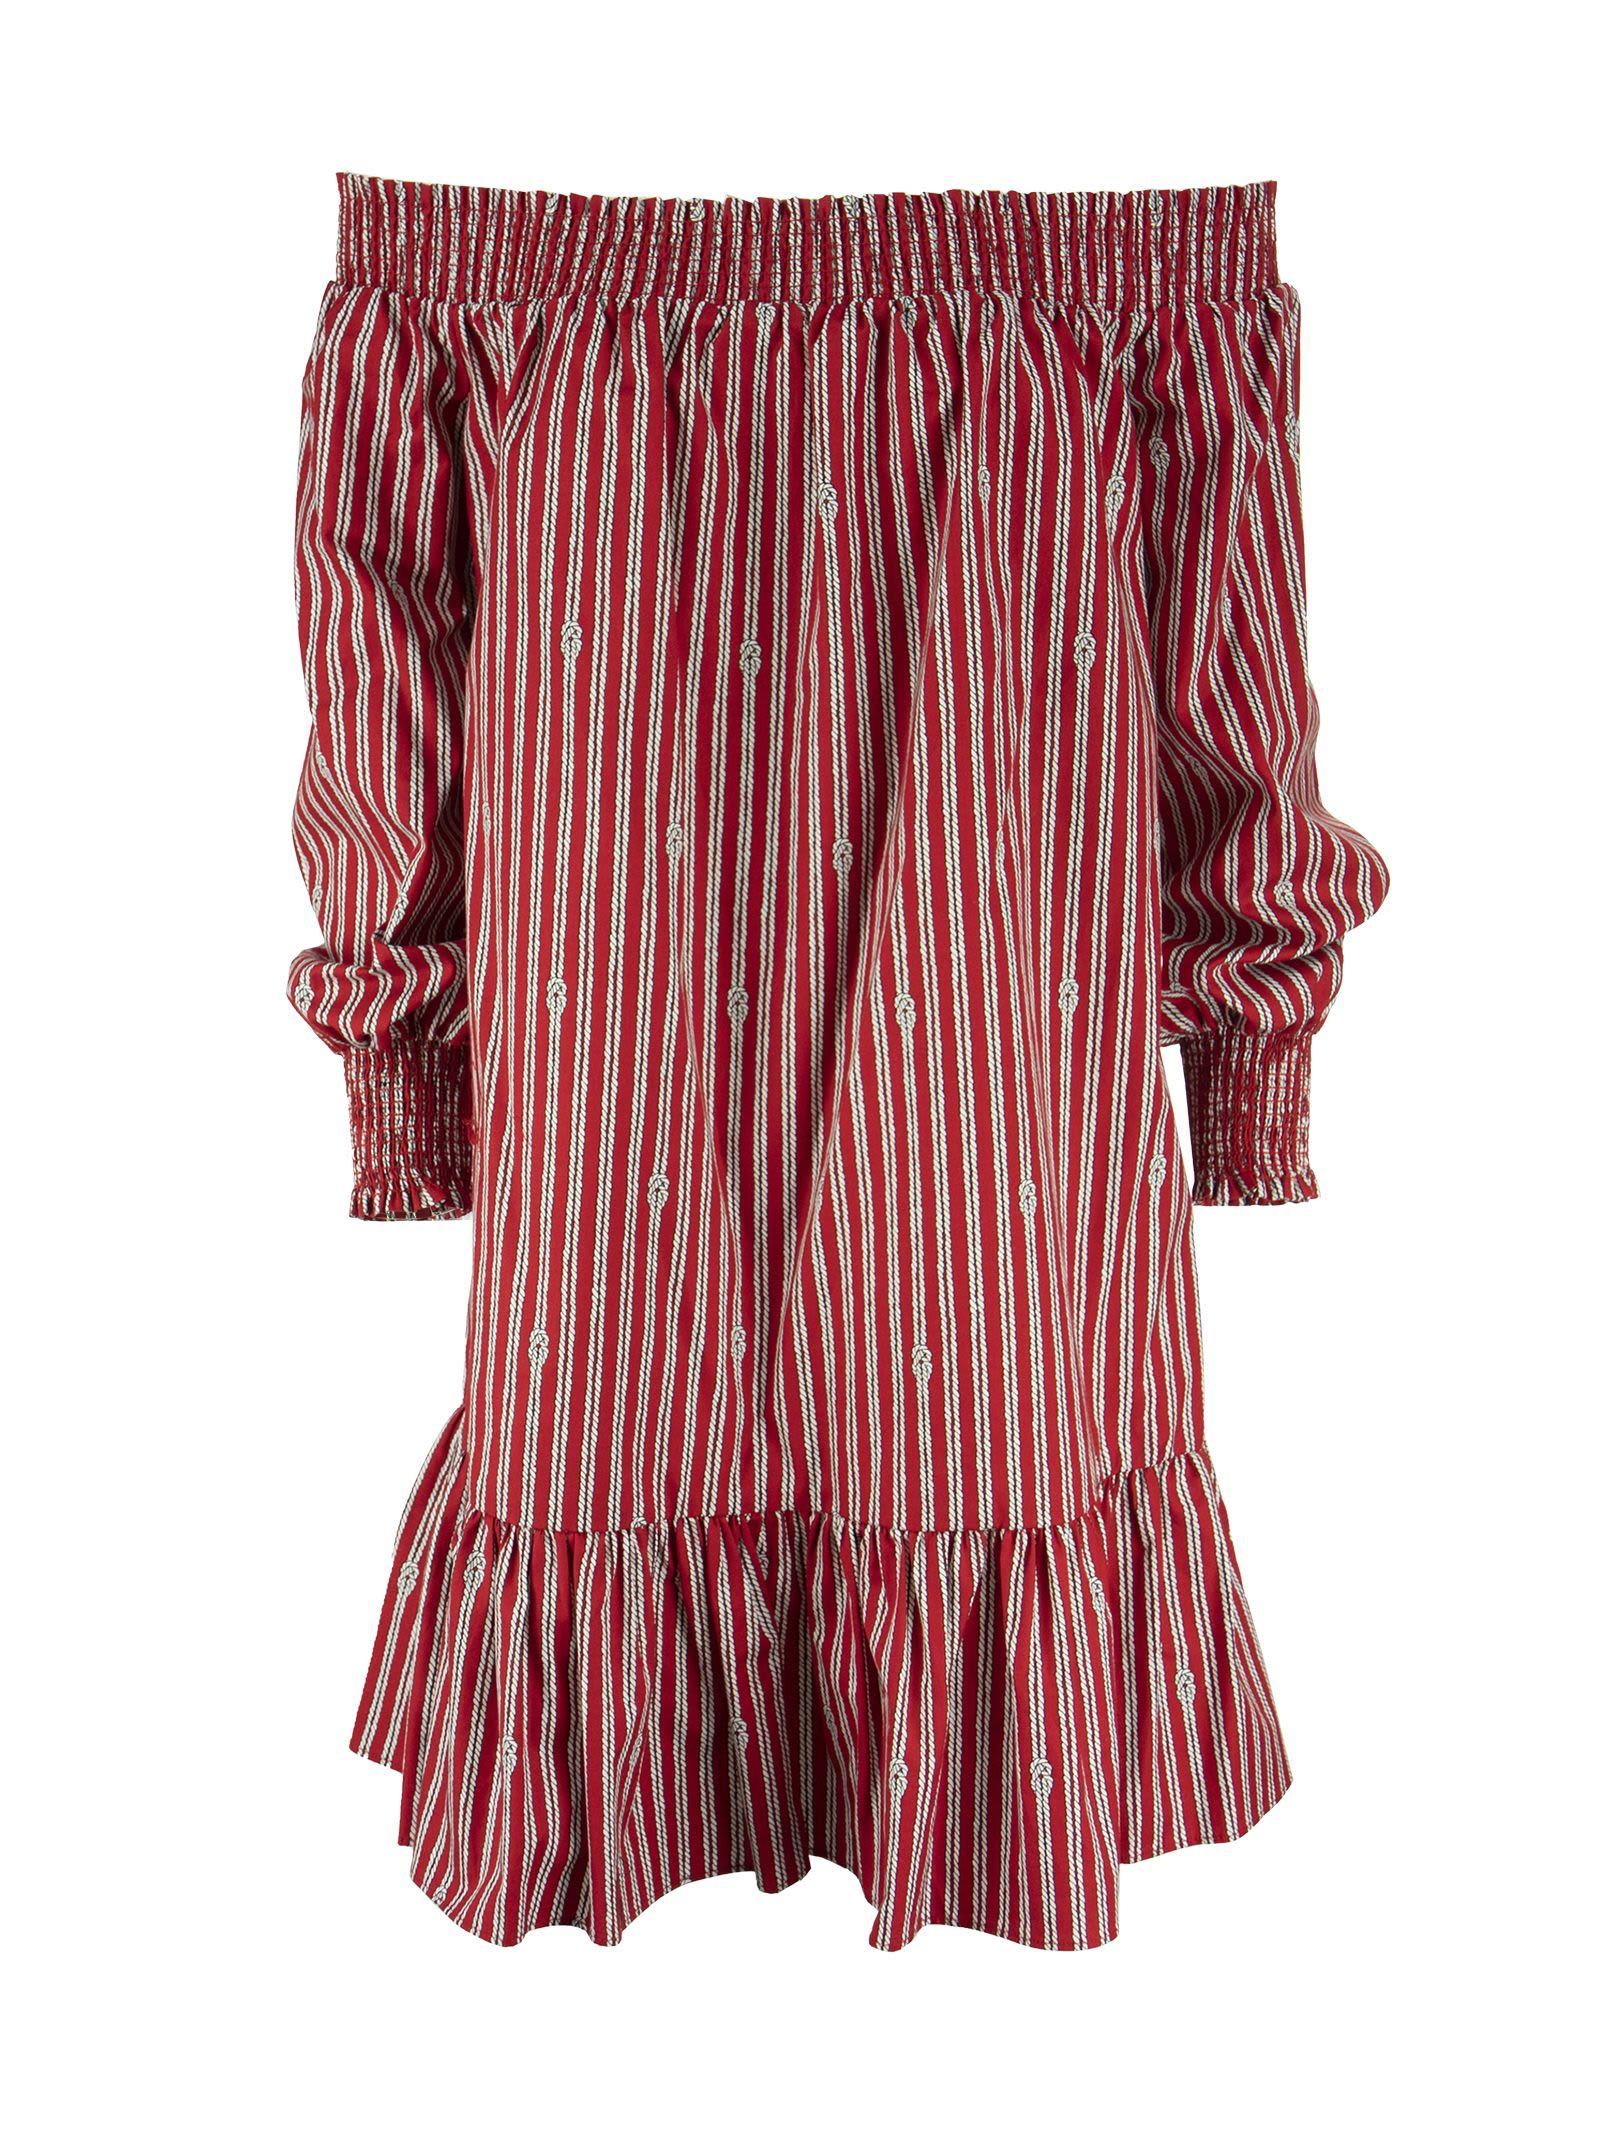 Michael Kors Sailor Knot Crimson – Short Cotton Dress